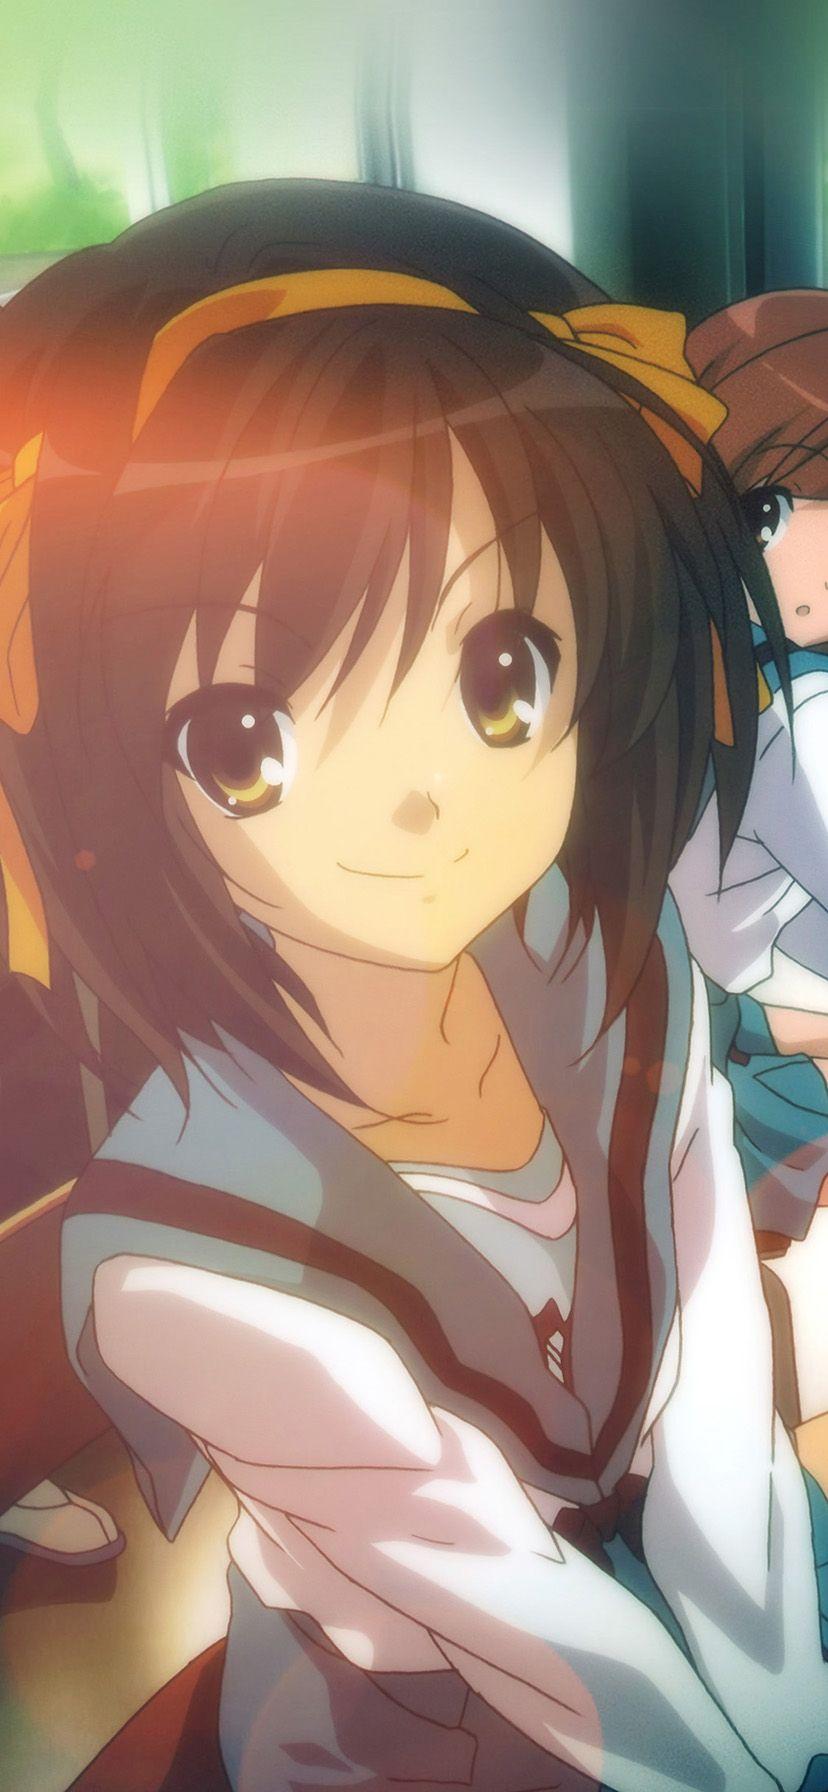 Iphone Xr Wallpaper Hd Suzumiya Haruhi No Yuuutsu Anime Art Flare